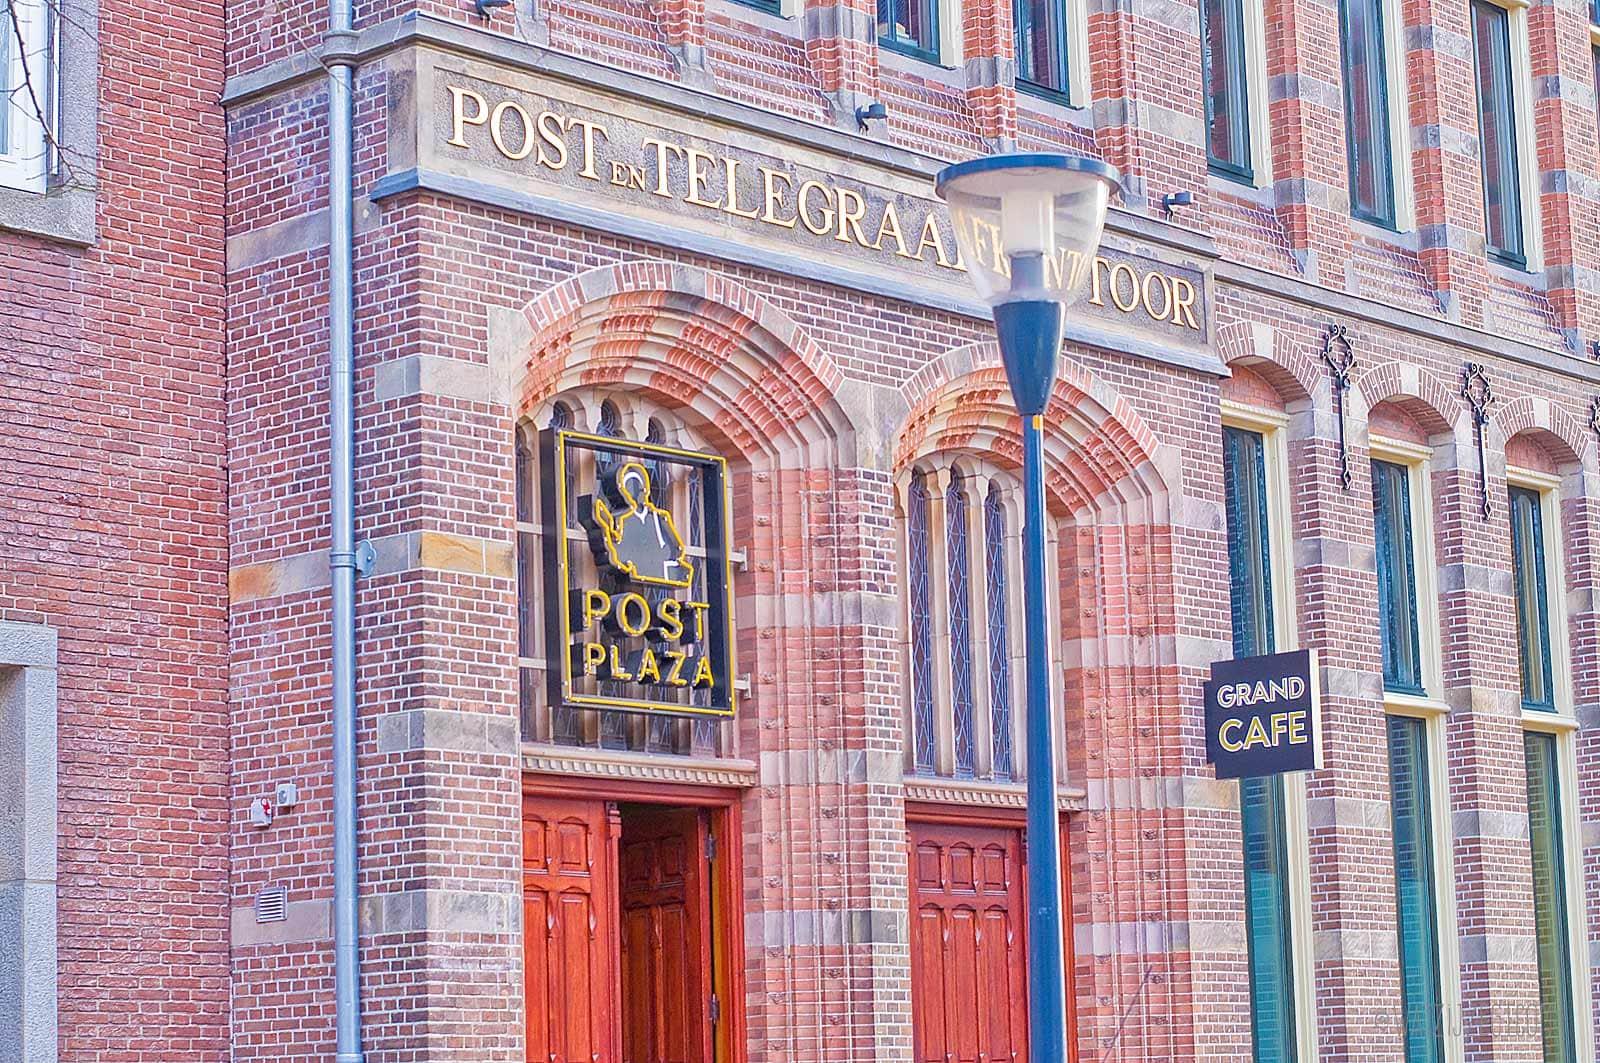 Post-Plaza Grand Café en Hotel in Leeuwarden